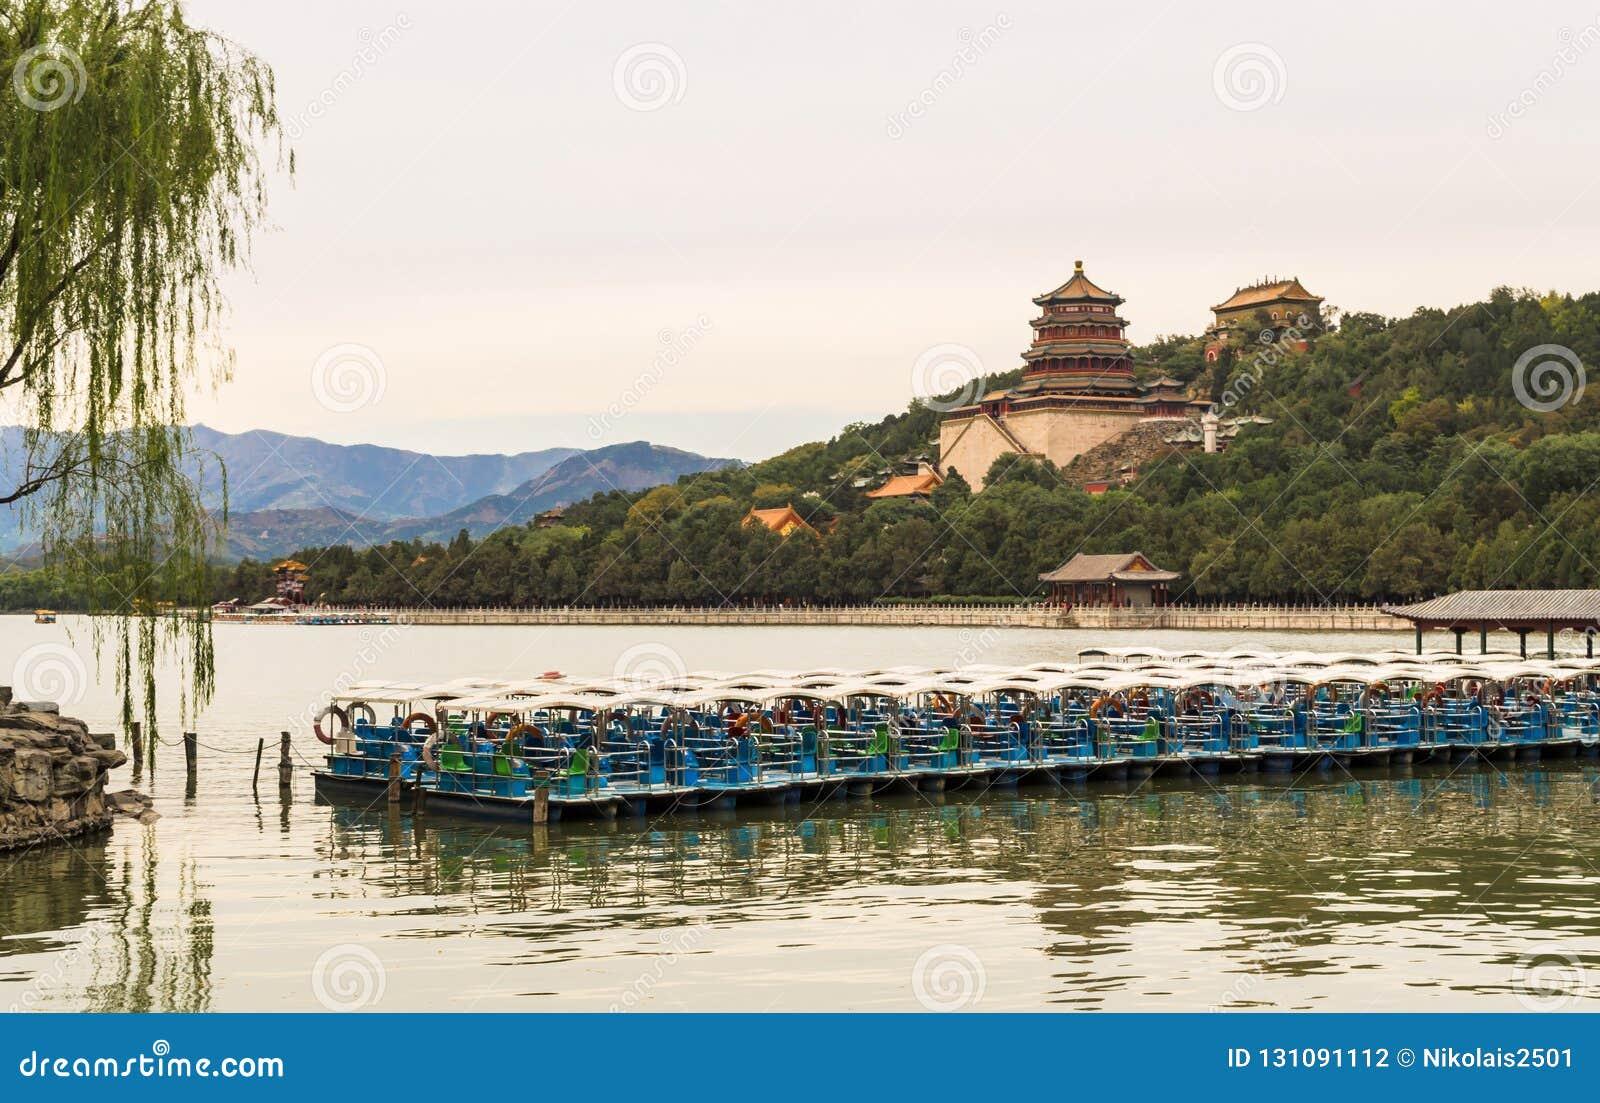 Palazzo di estate degli imperatori dalle dinastie del passato con la vista nel lago, Pechino, Cina